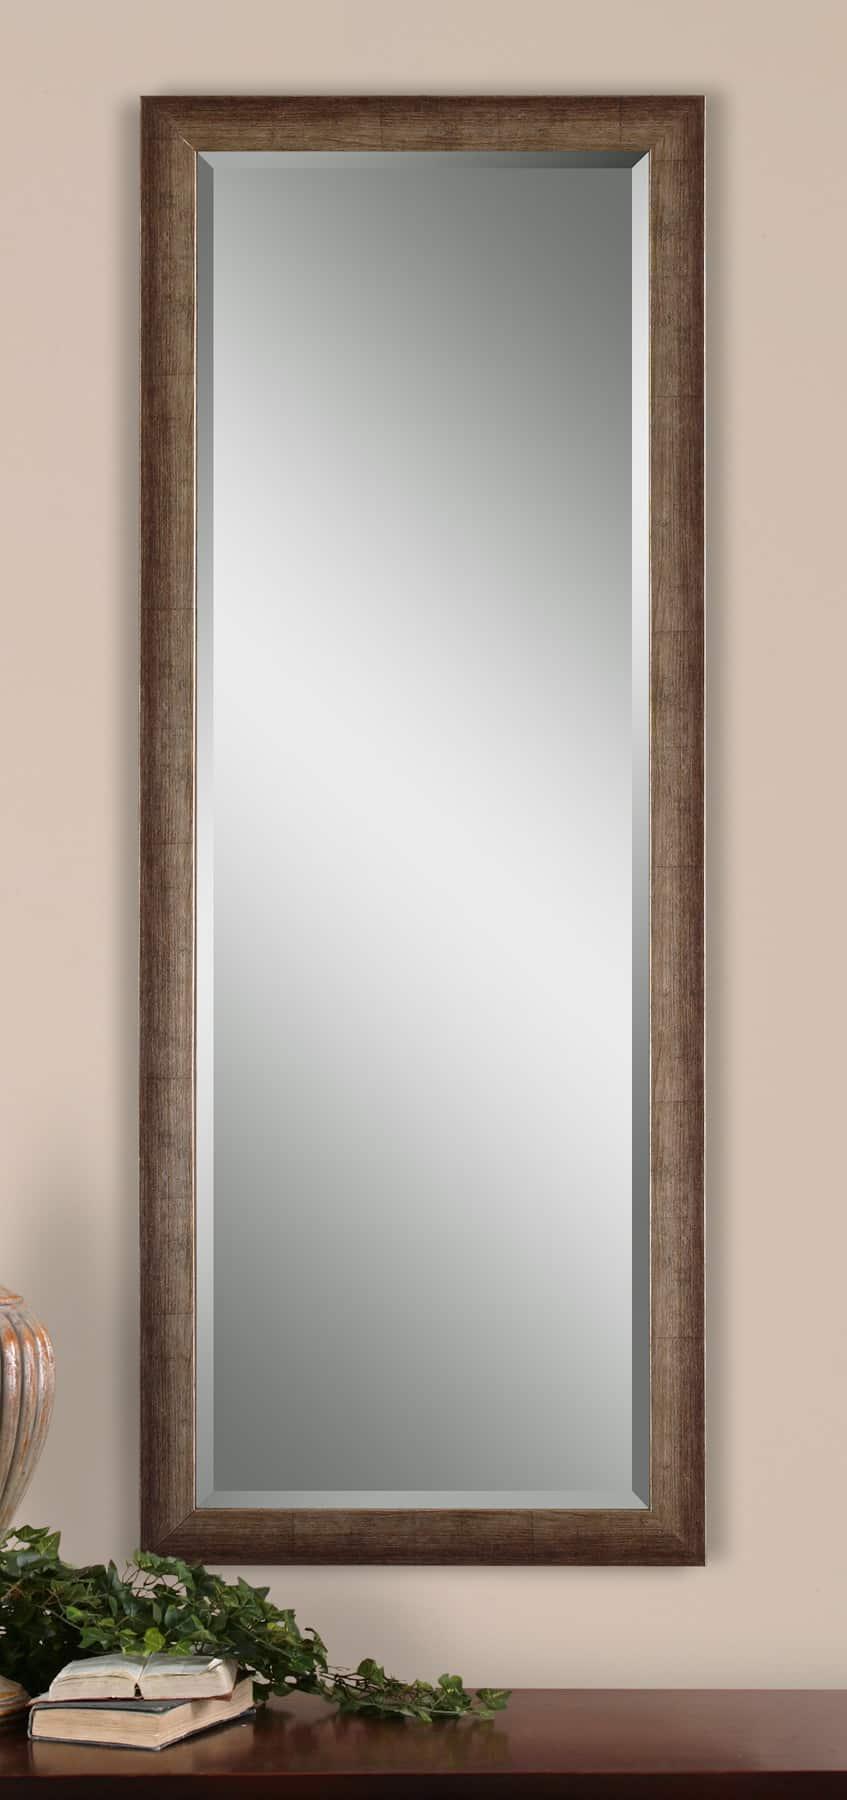 Lawrence Antique Silver Mirror_U-14168